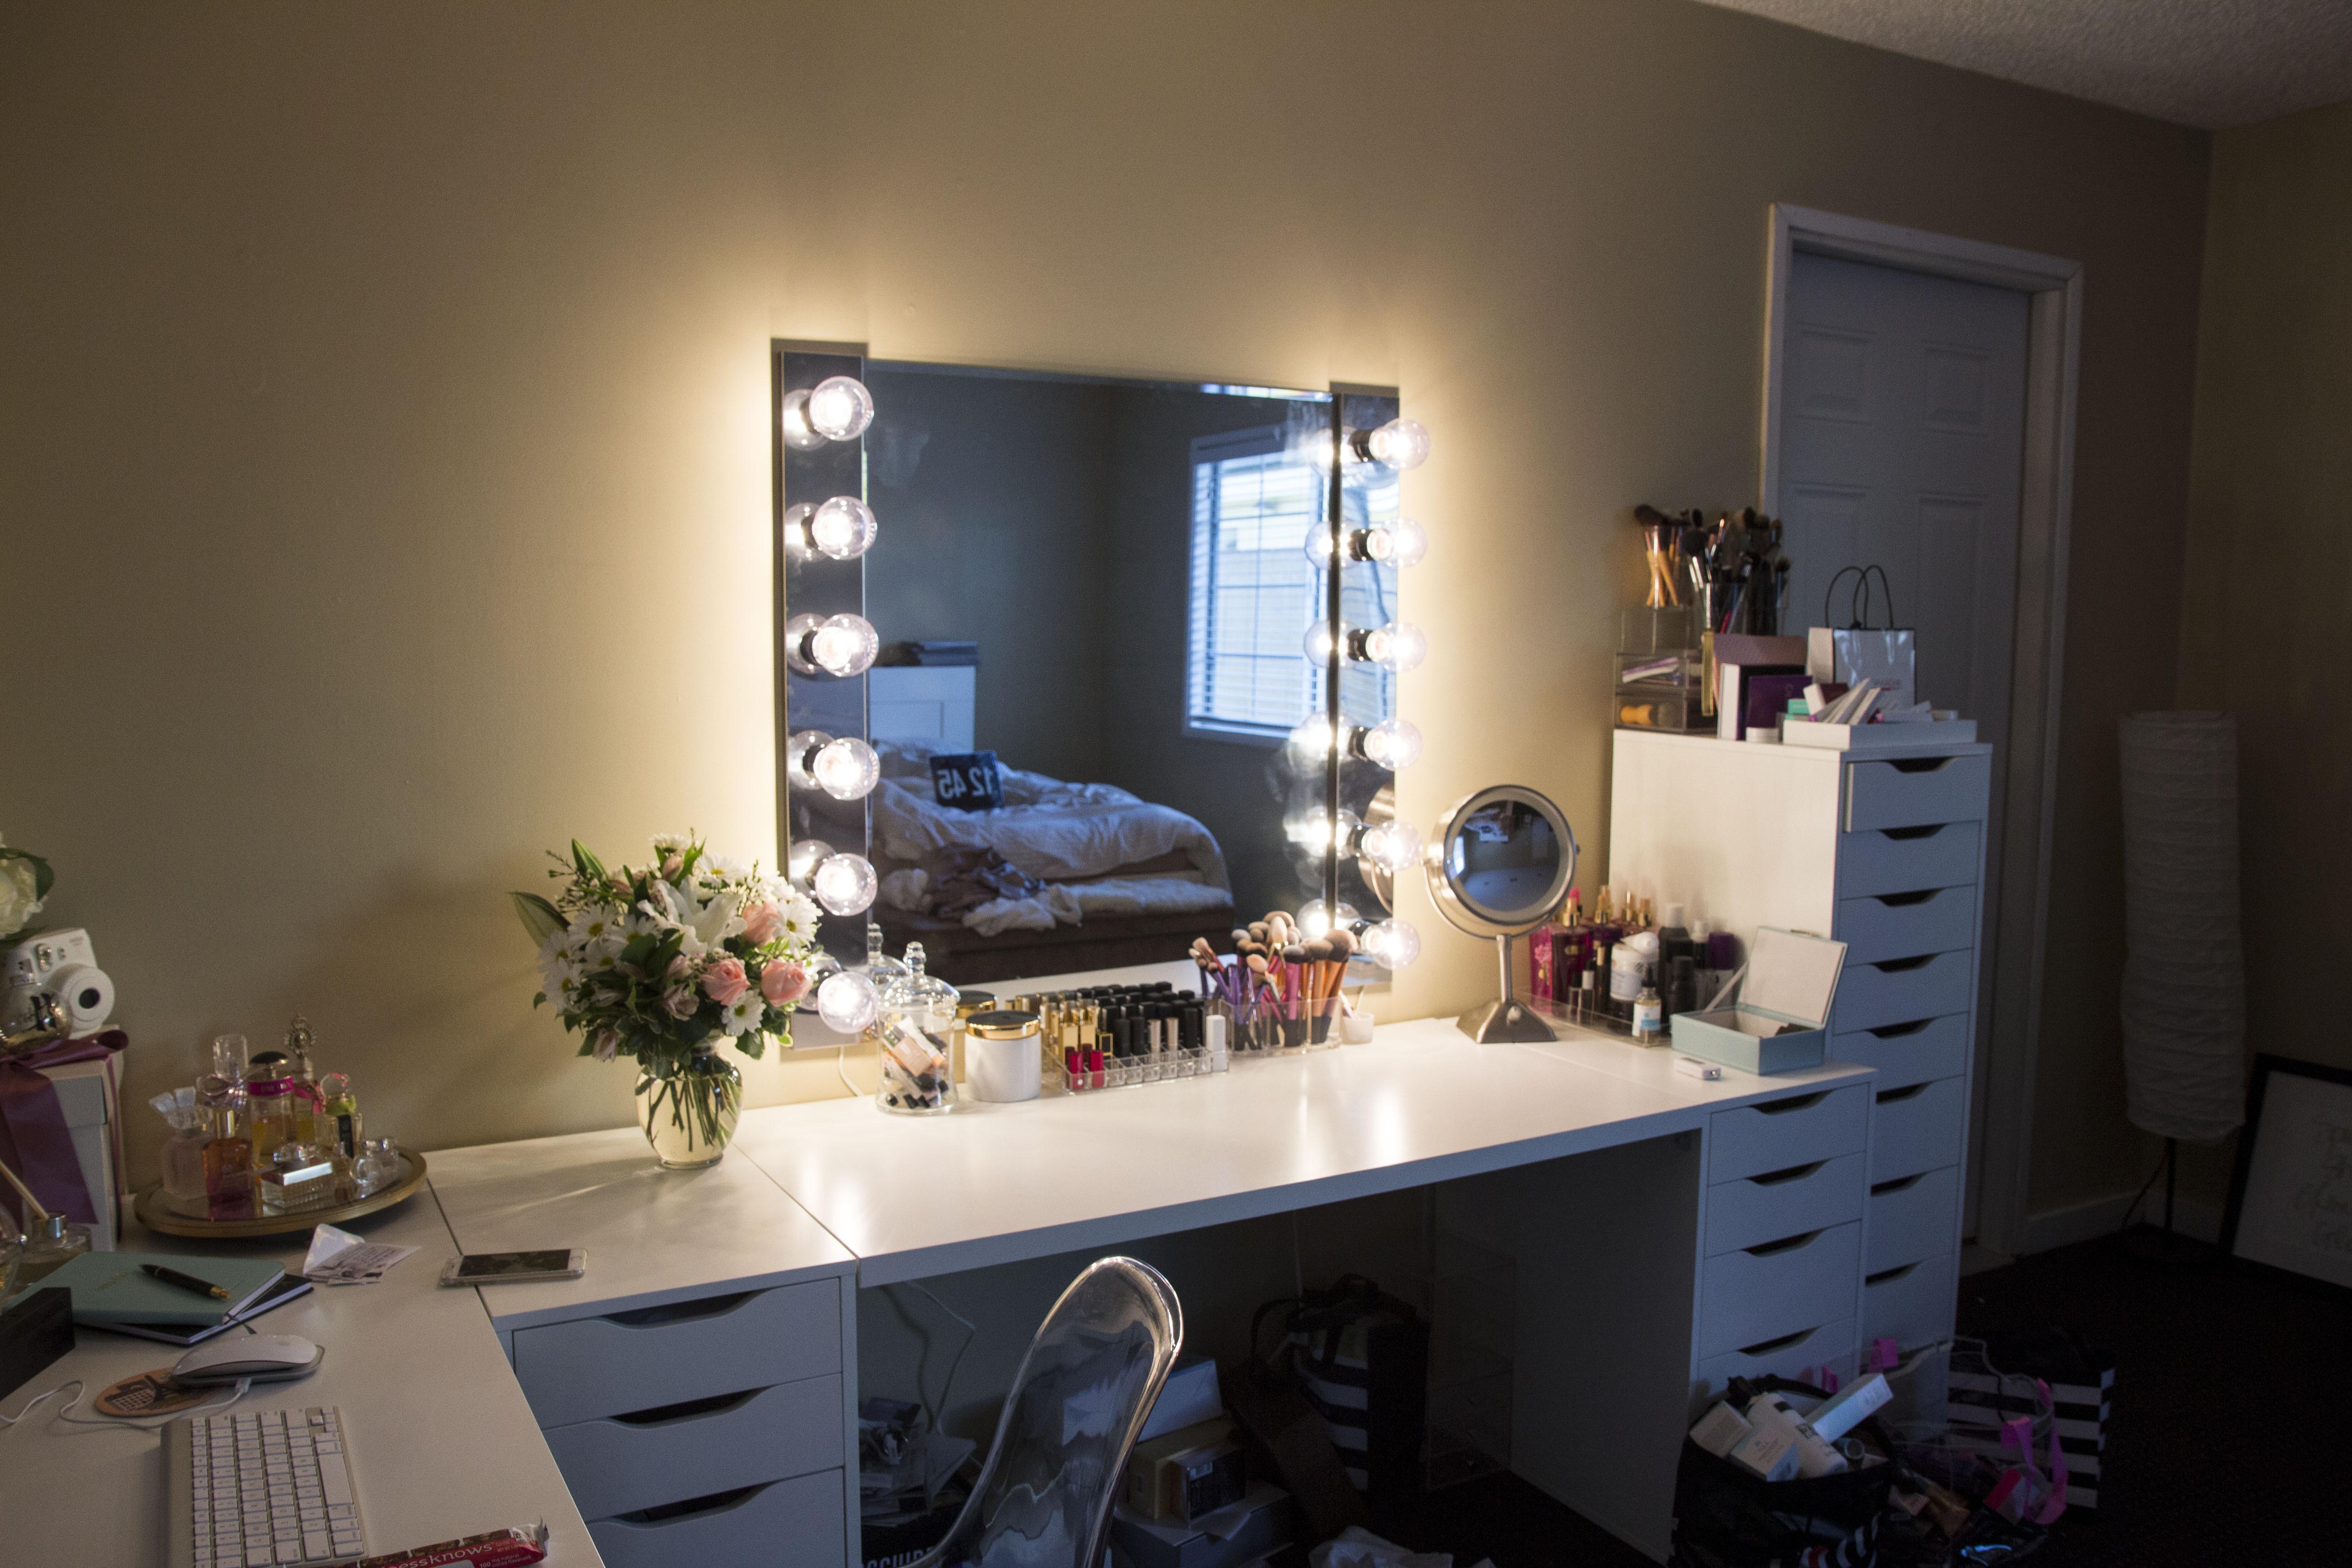 DIY Vanity Lights  DIY Vanity Mirror Light Step by step • A Love Affair Blog